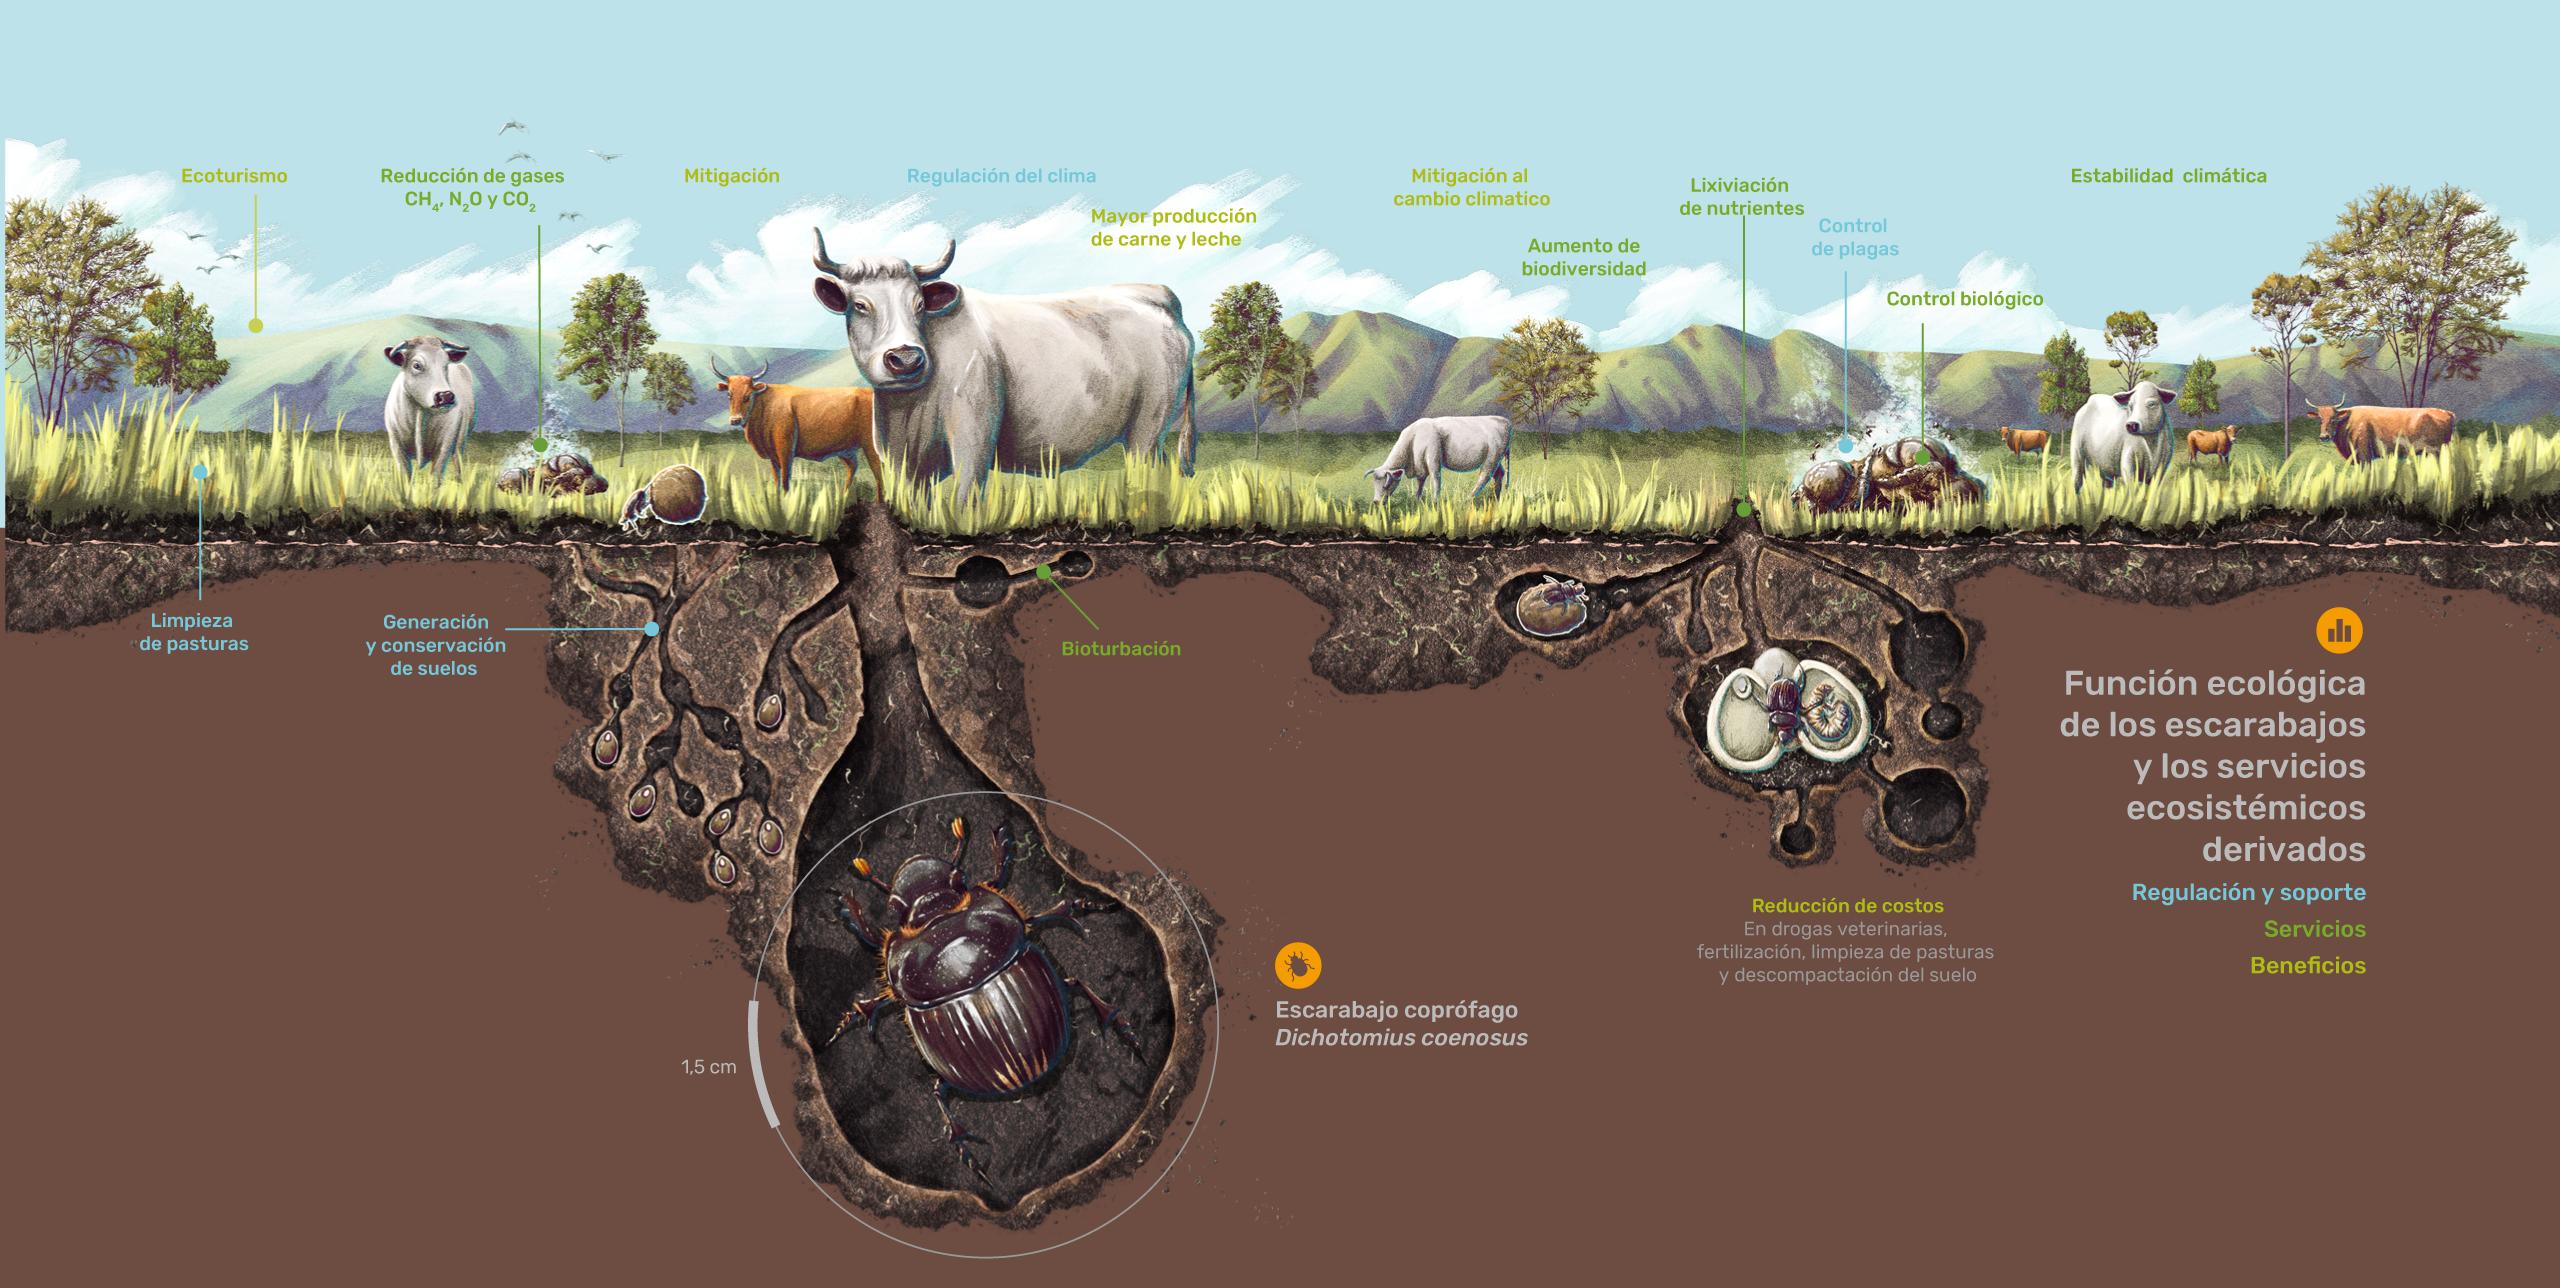 Función ecológica de los escarabajos y los servicios ecosistémicos derivados